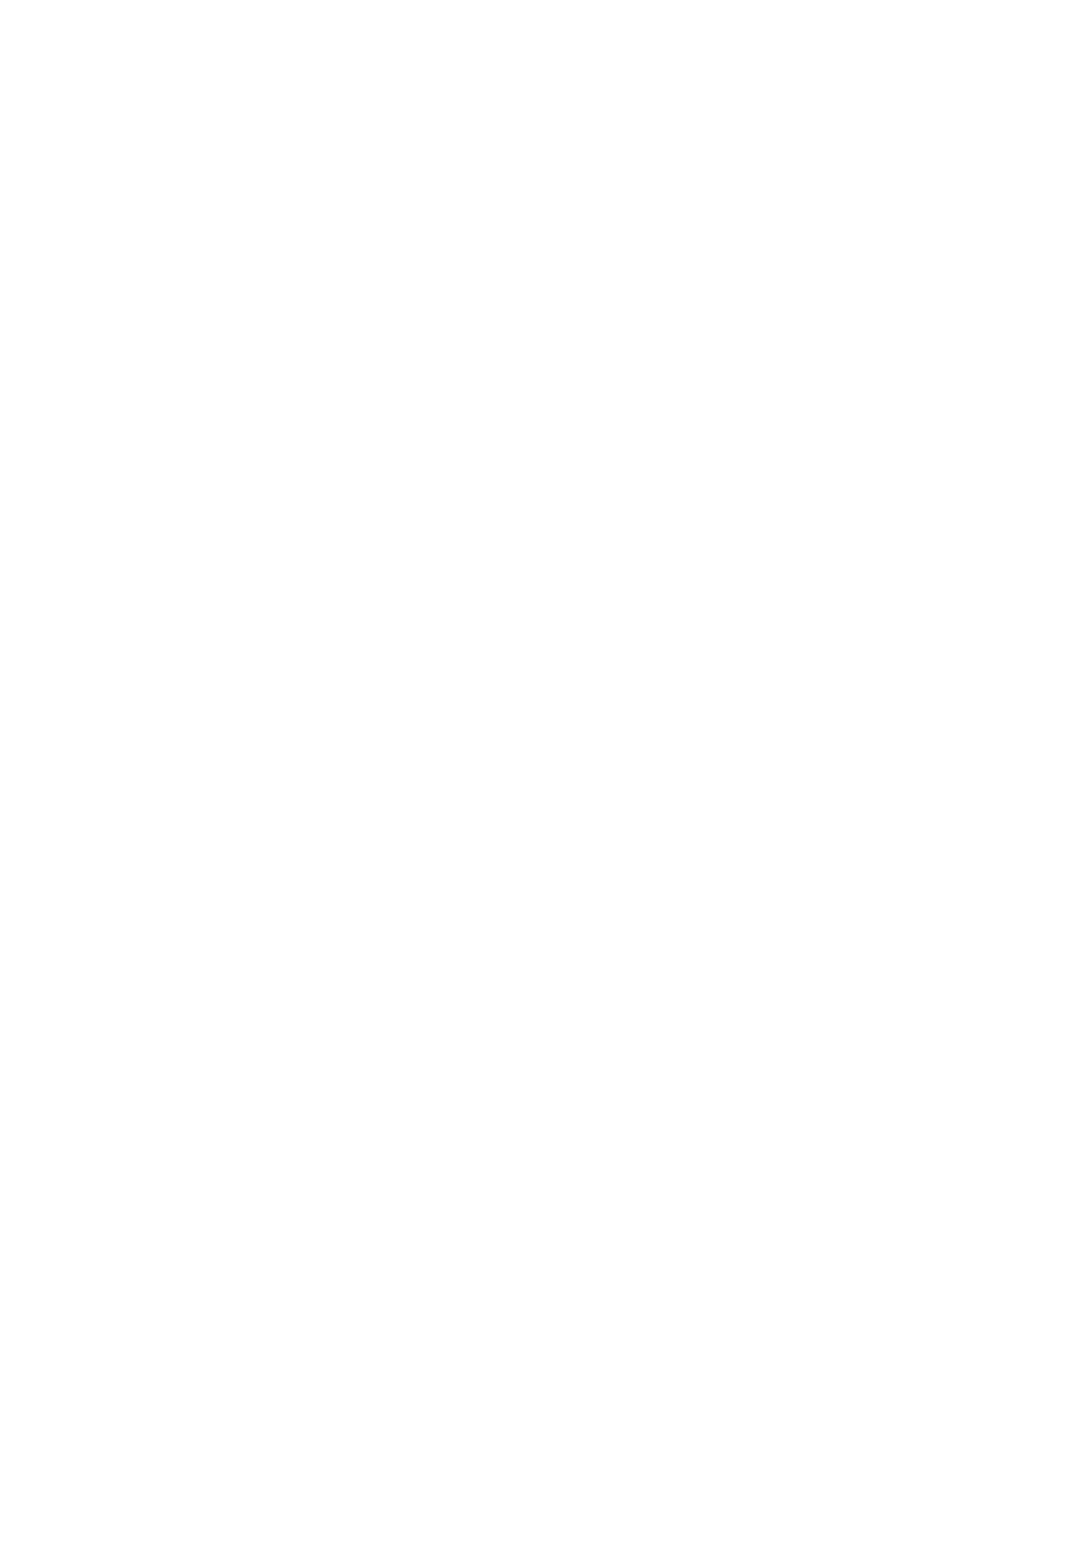 性欲が強い彼氏の拓海にオナ欲させる透心…オナ禁から1週間後、透心に会った拓海は我慢が爆発しディープキス!激しく愛撫するとイチャラブアナルセックスで孕ませる勢いでアクメさせる!